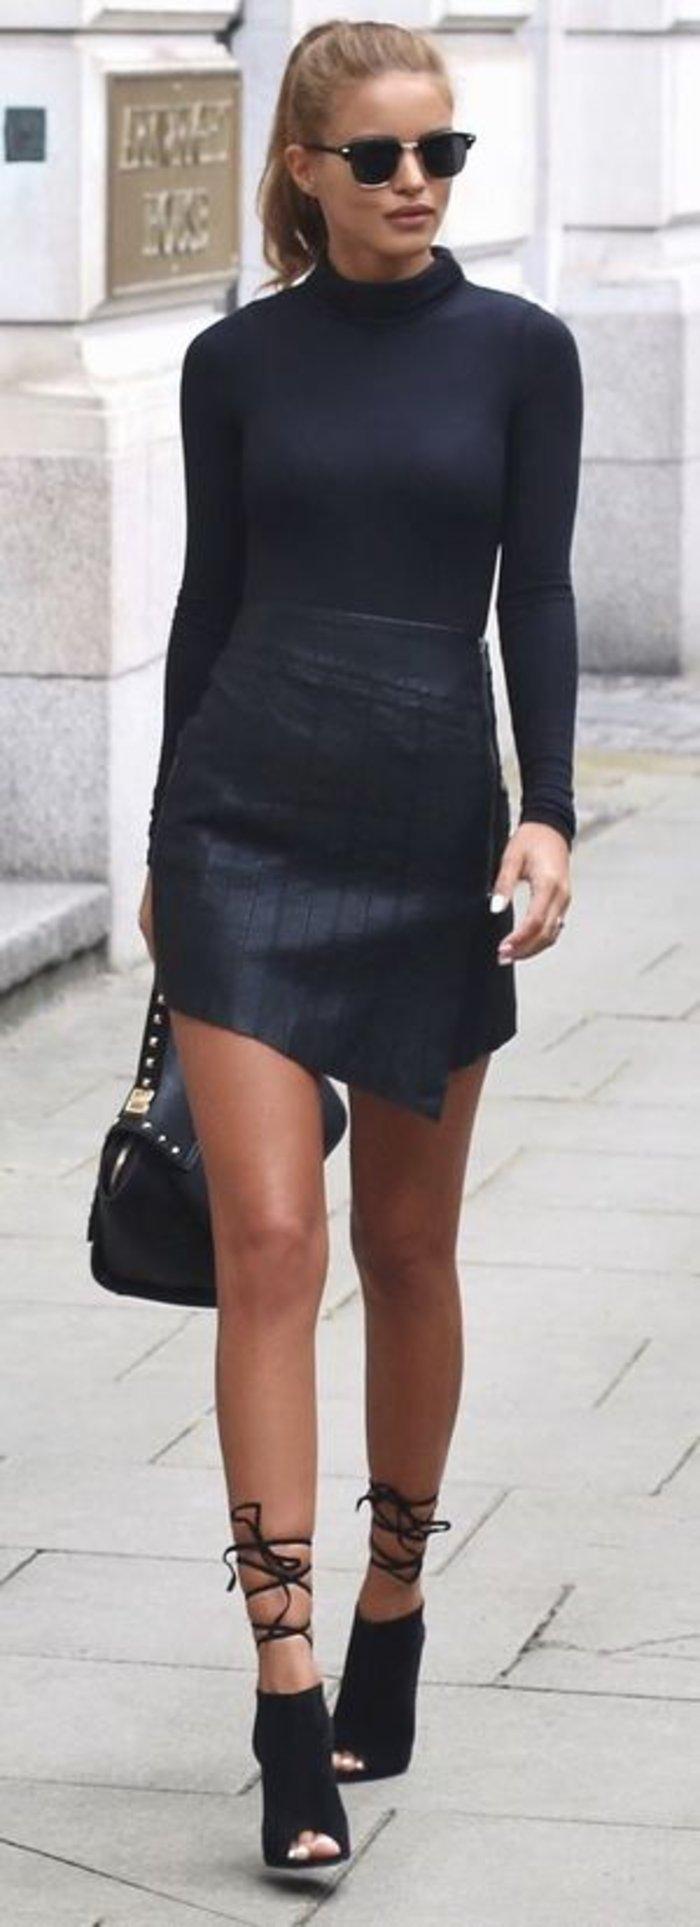 Ψηλόμεση κοντή φούστα συνδυασμένη με μπλούζα ζιβάγκο. Αυστηρό και σέξι, ιδανικό για βραδινή έξοδο.